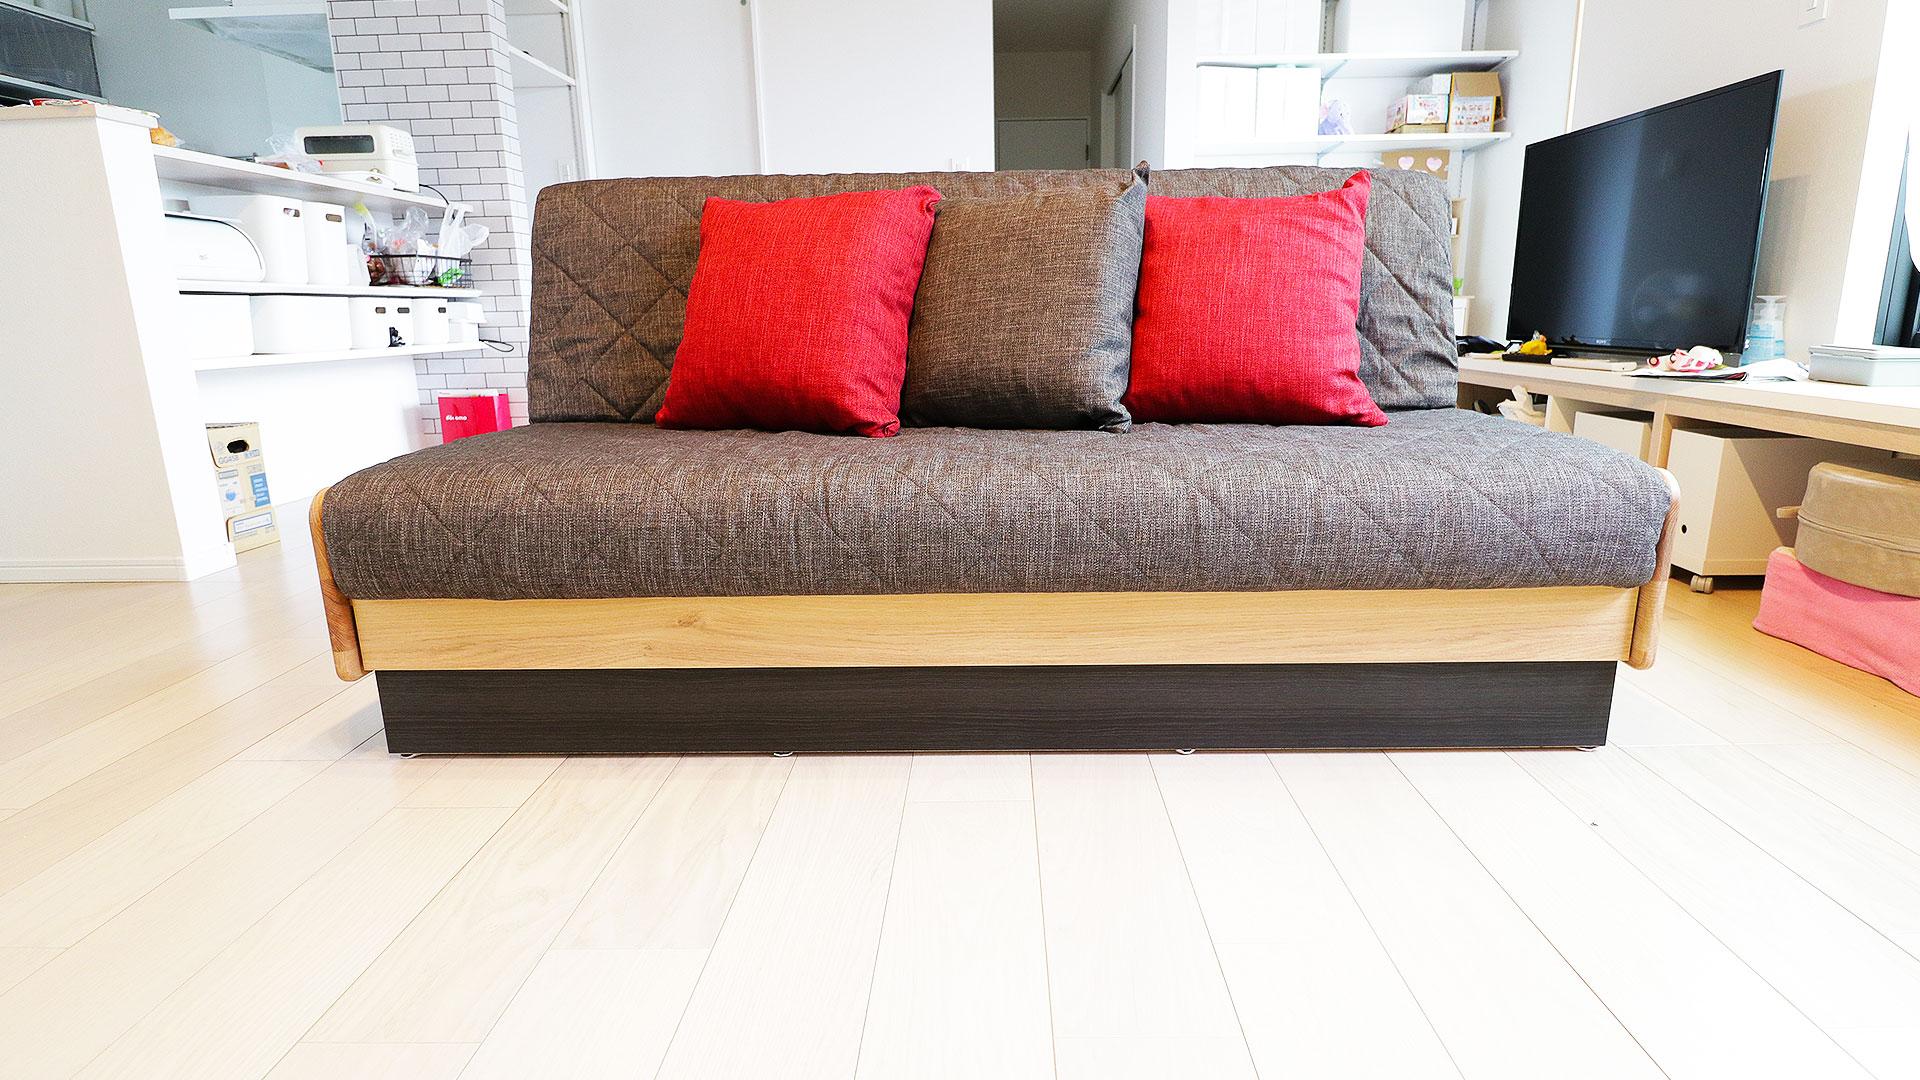 モーブルの横幅160㎝のドロシー。本体の色がNA色でクッションがダークグレーのソファ。正面からの写真